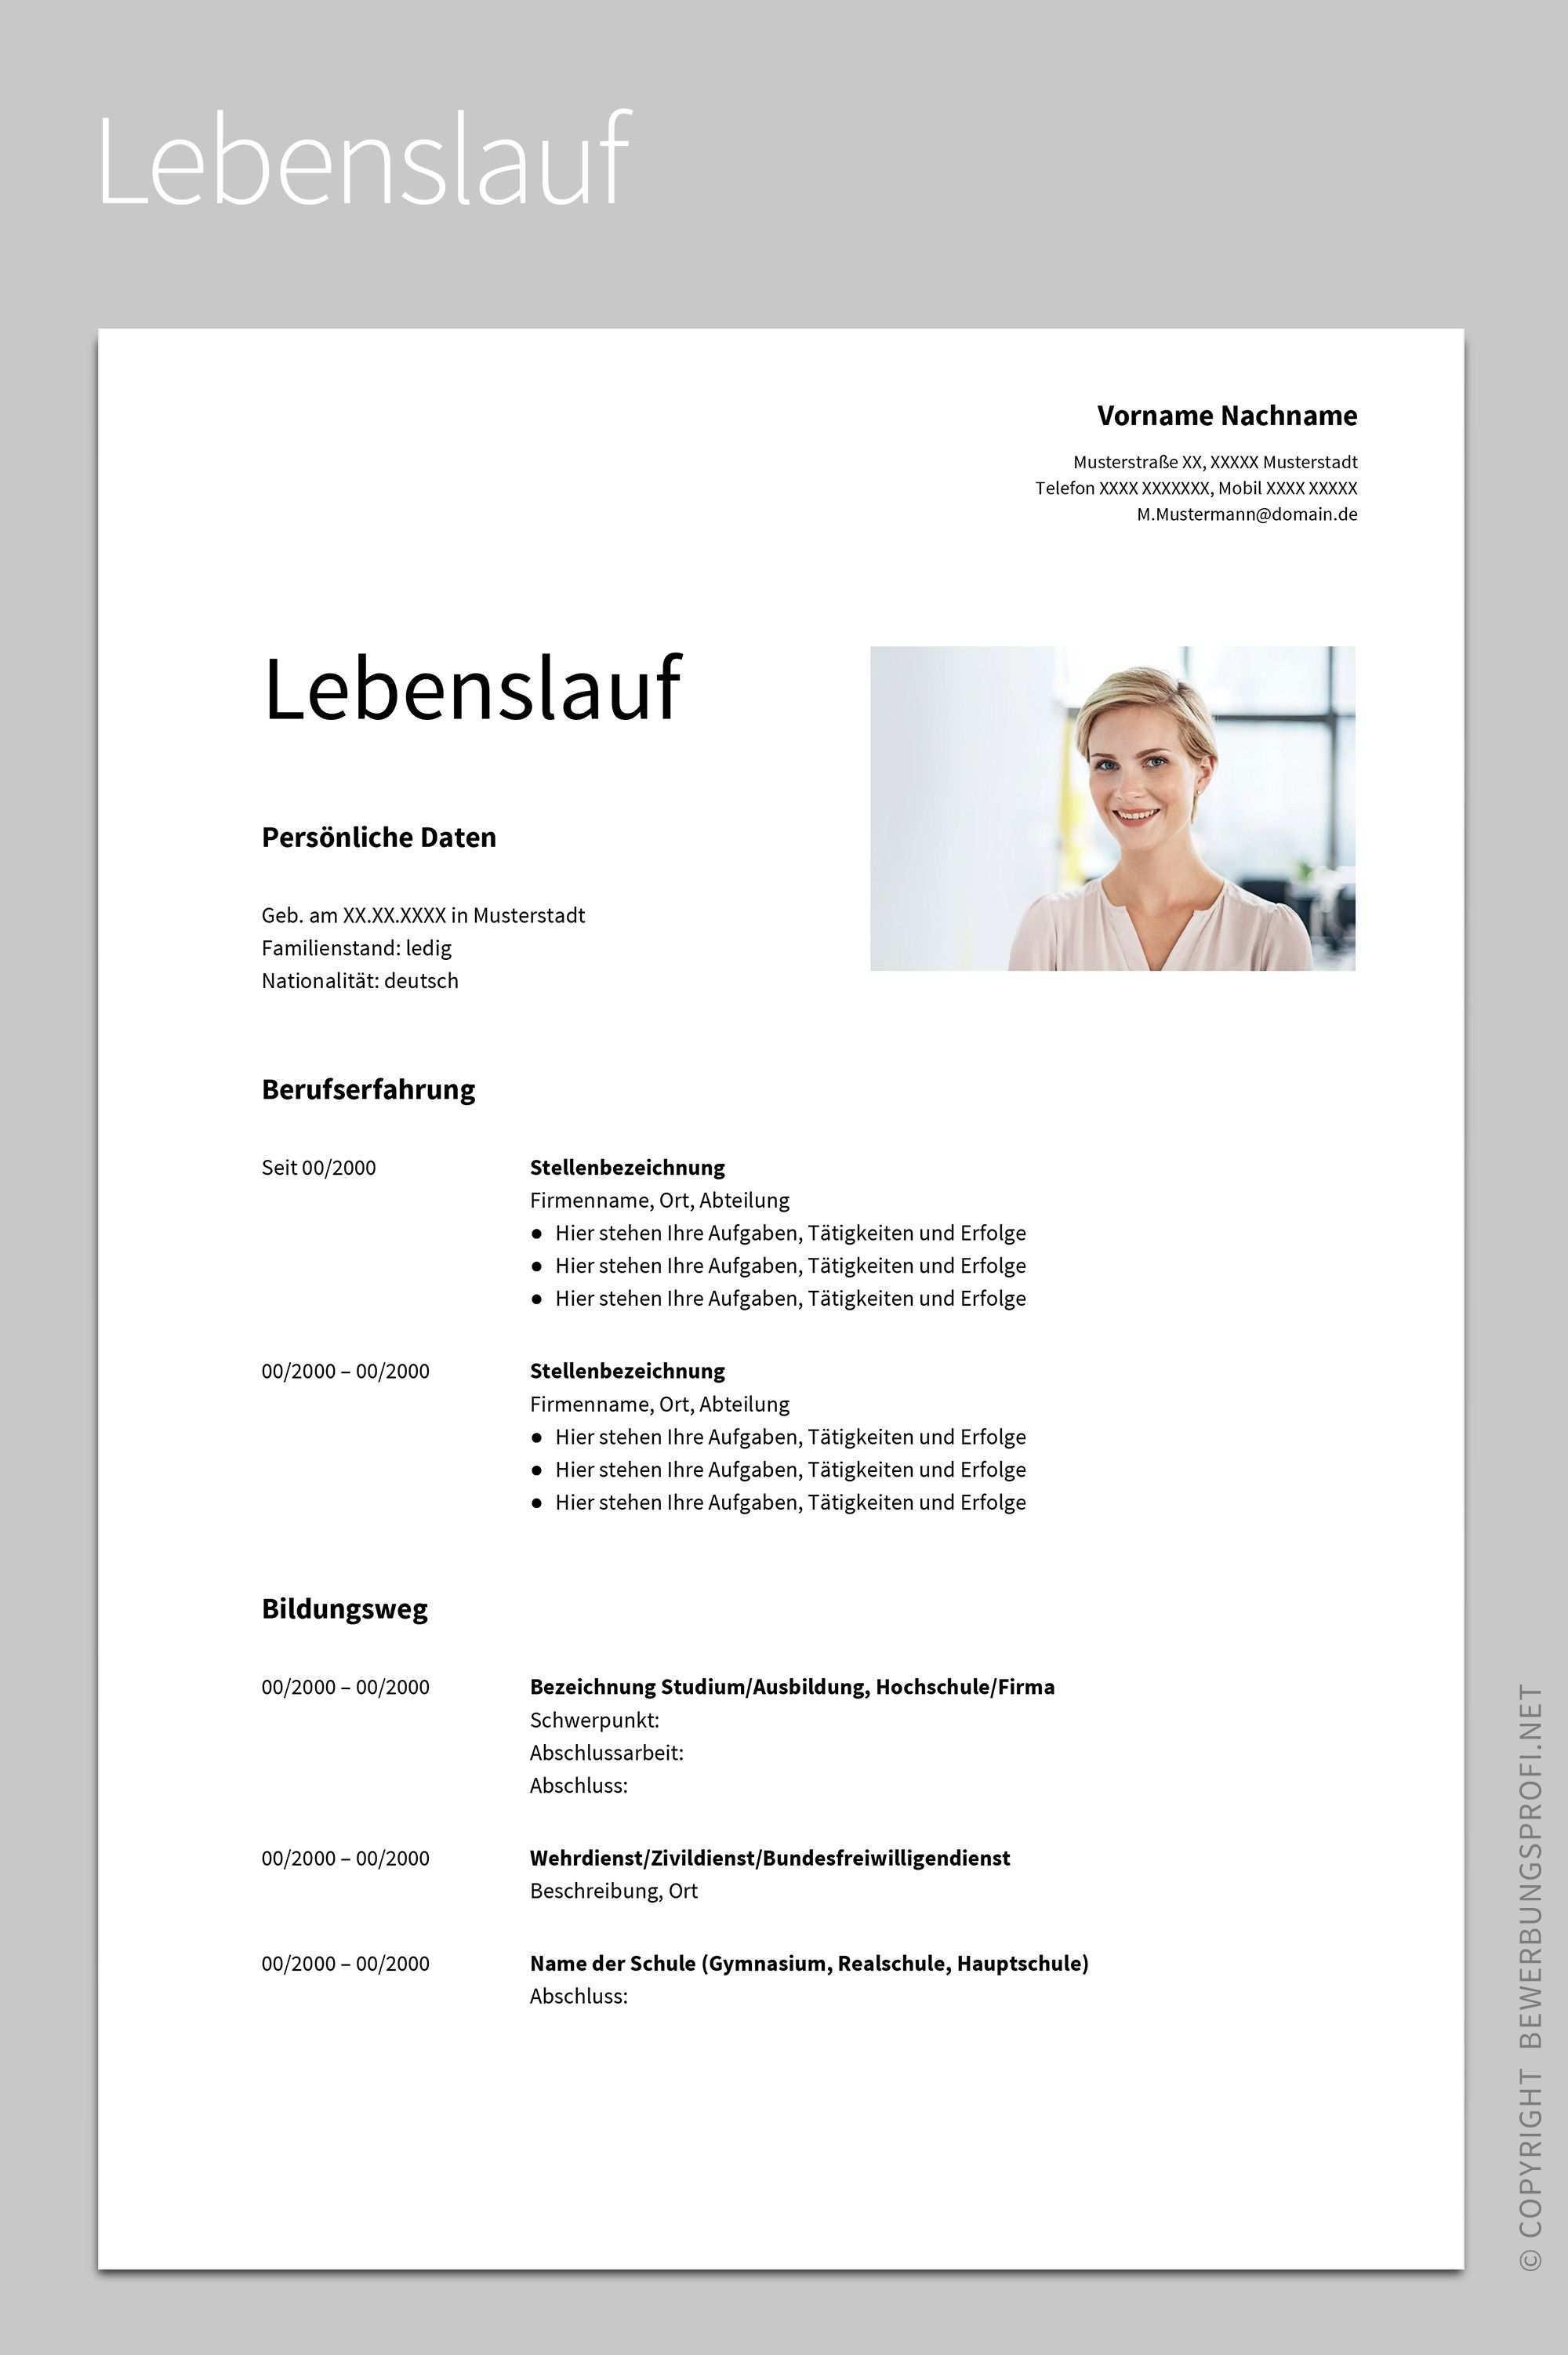 Lebenslauf 1 Albus Lebenslauf Lebenslauf Design Lebenslauf Design Vorlage